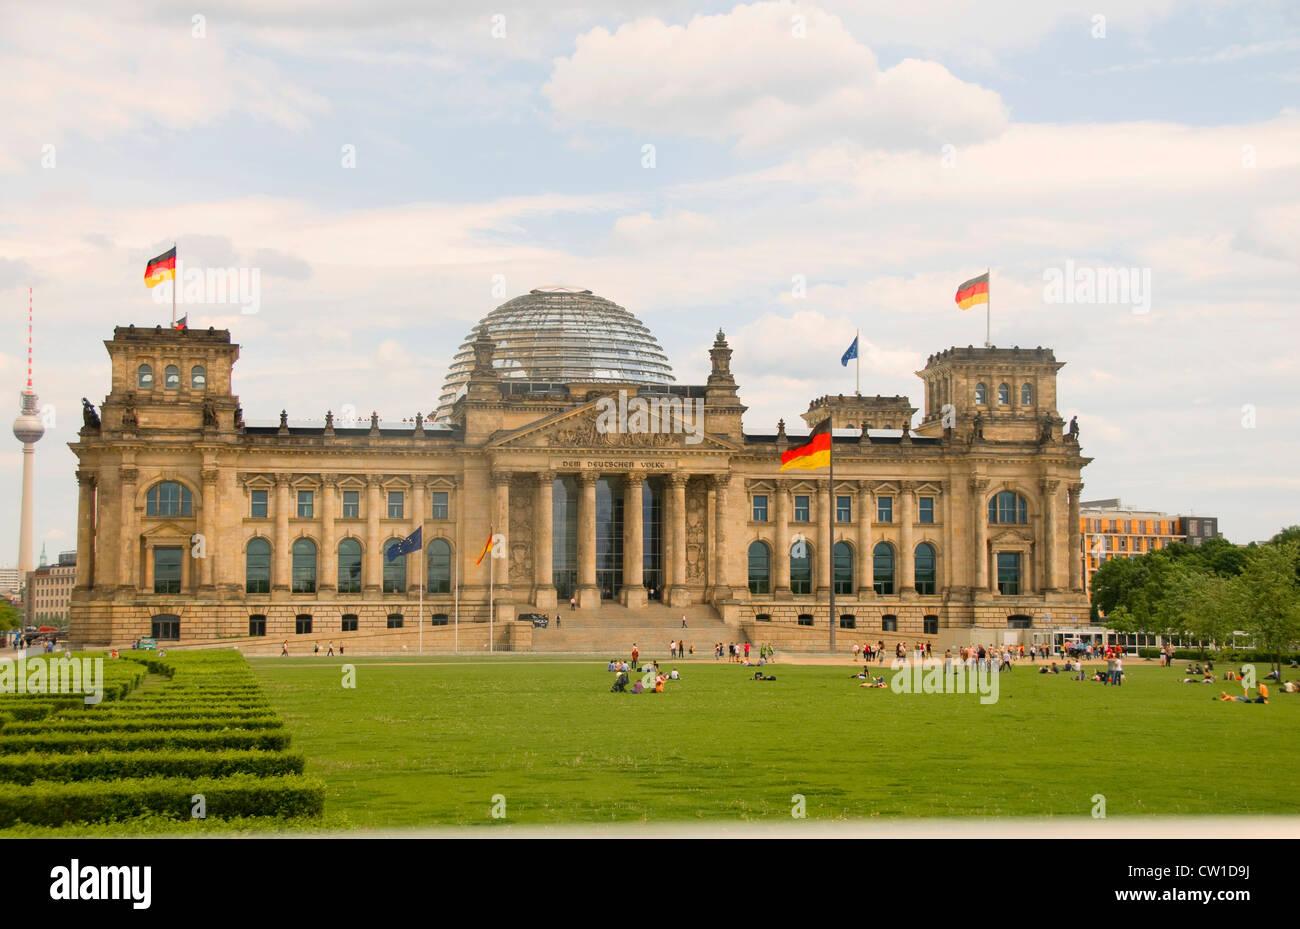 das reichstag parlament historische geb ude mit glaskuppel berlin deutschland stockfoto bild. Black Bedroom Furniture Sets. Home Design Ideas